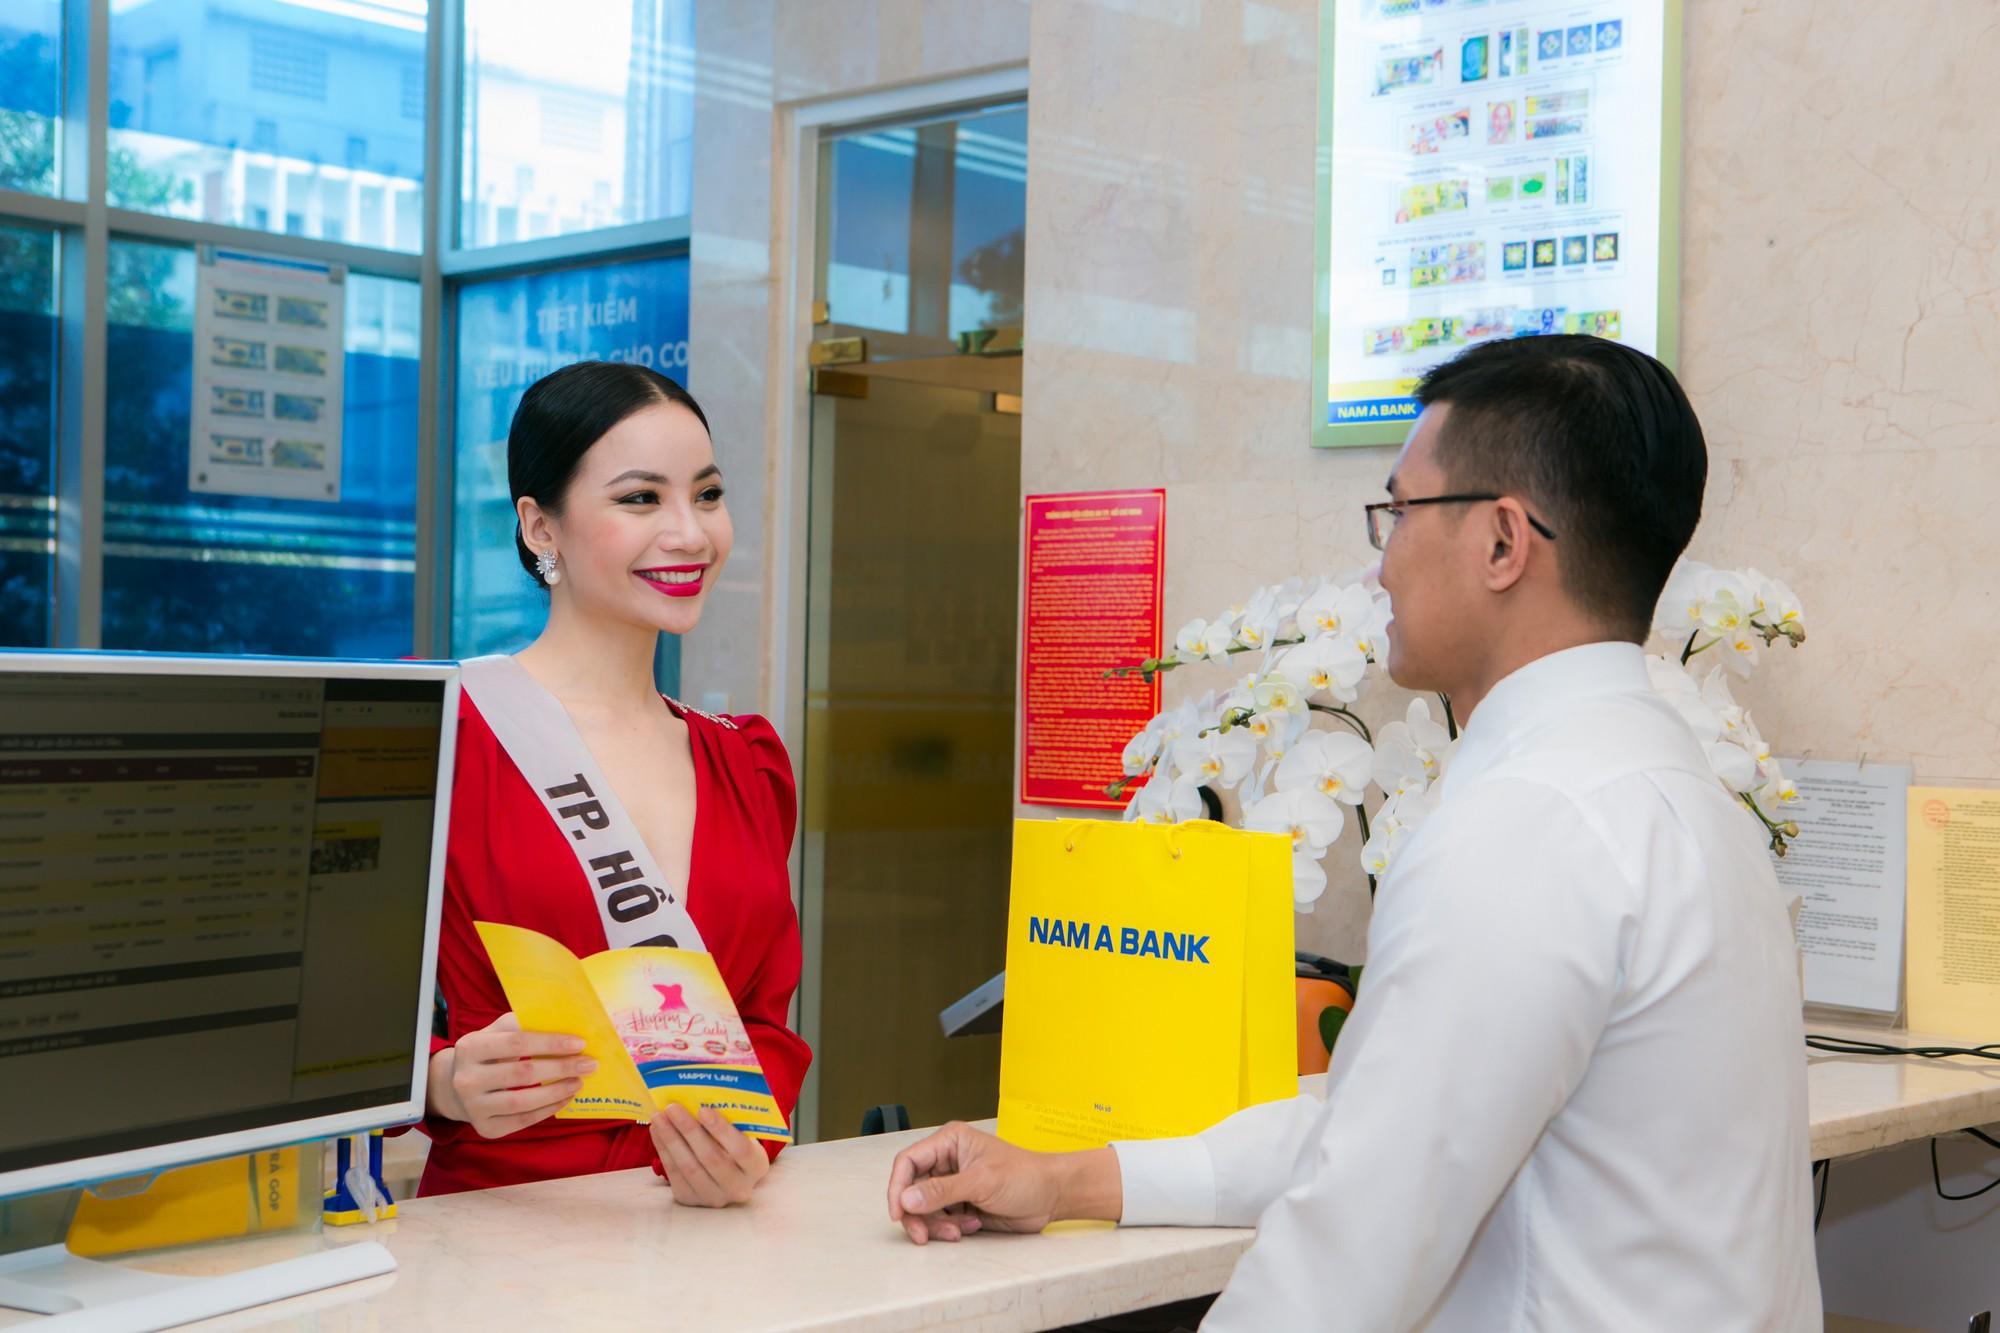 Top 60 Hoa hậu Hoàn Vũ Việt Nam 2019 trải nghiệm sản phẩm dịch vụ tài chính hiện đại tại Nam A Bank - Ảnh 4.